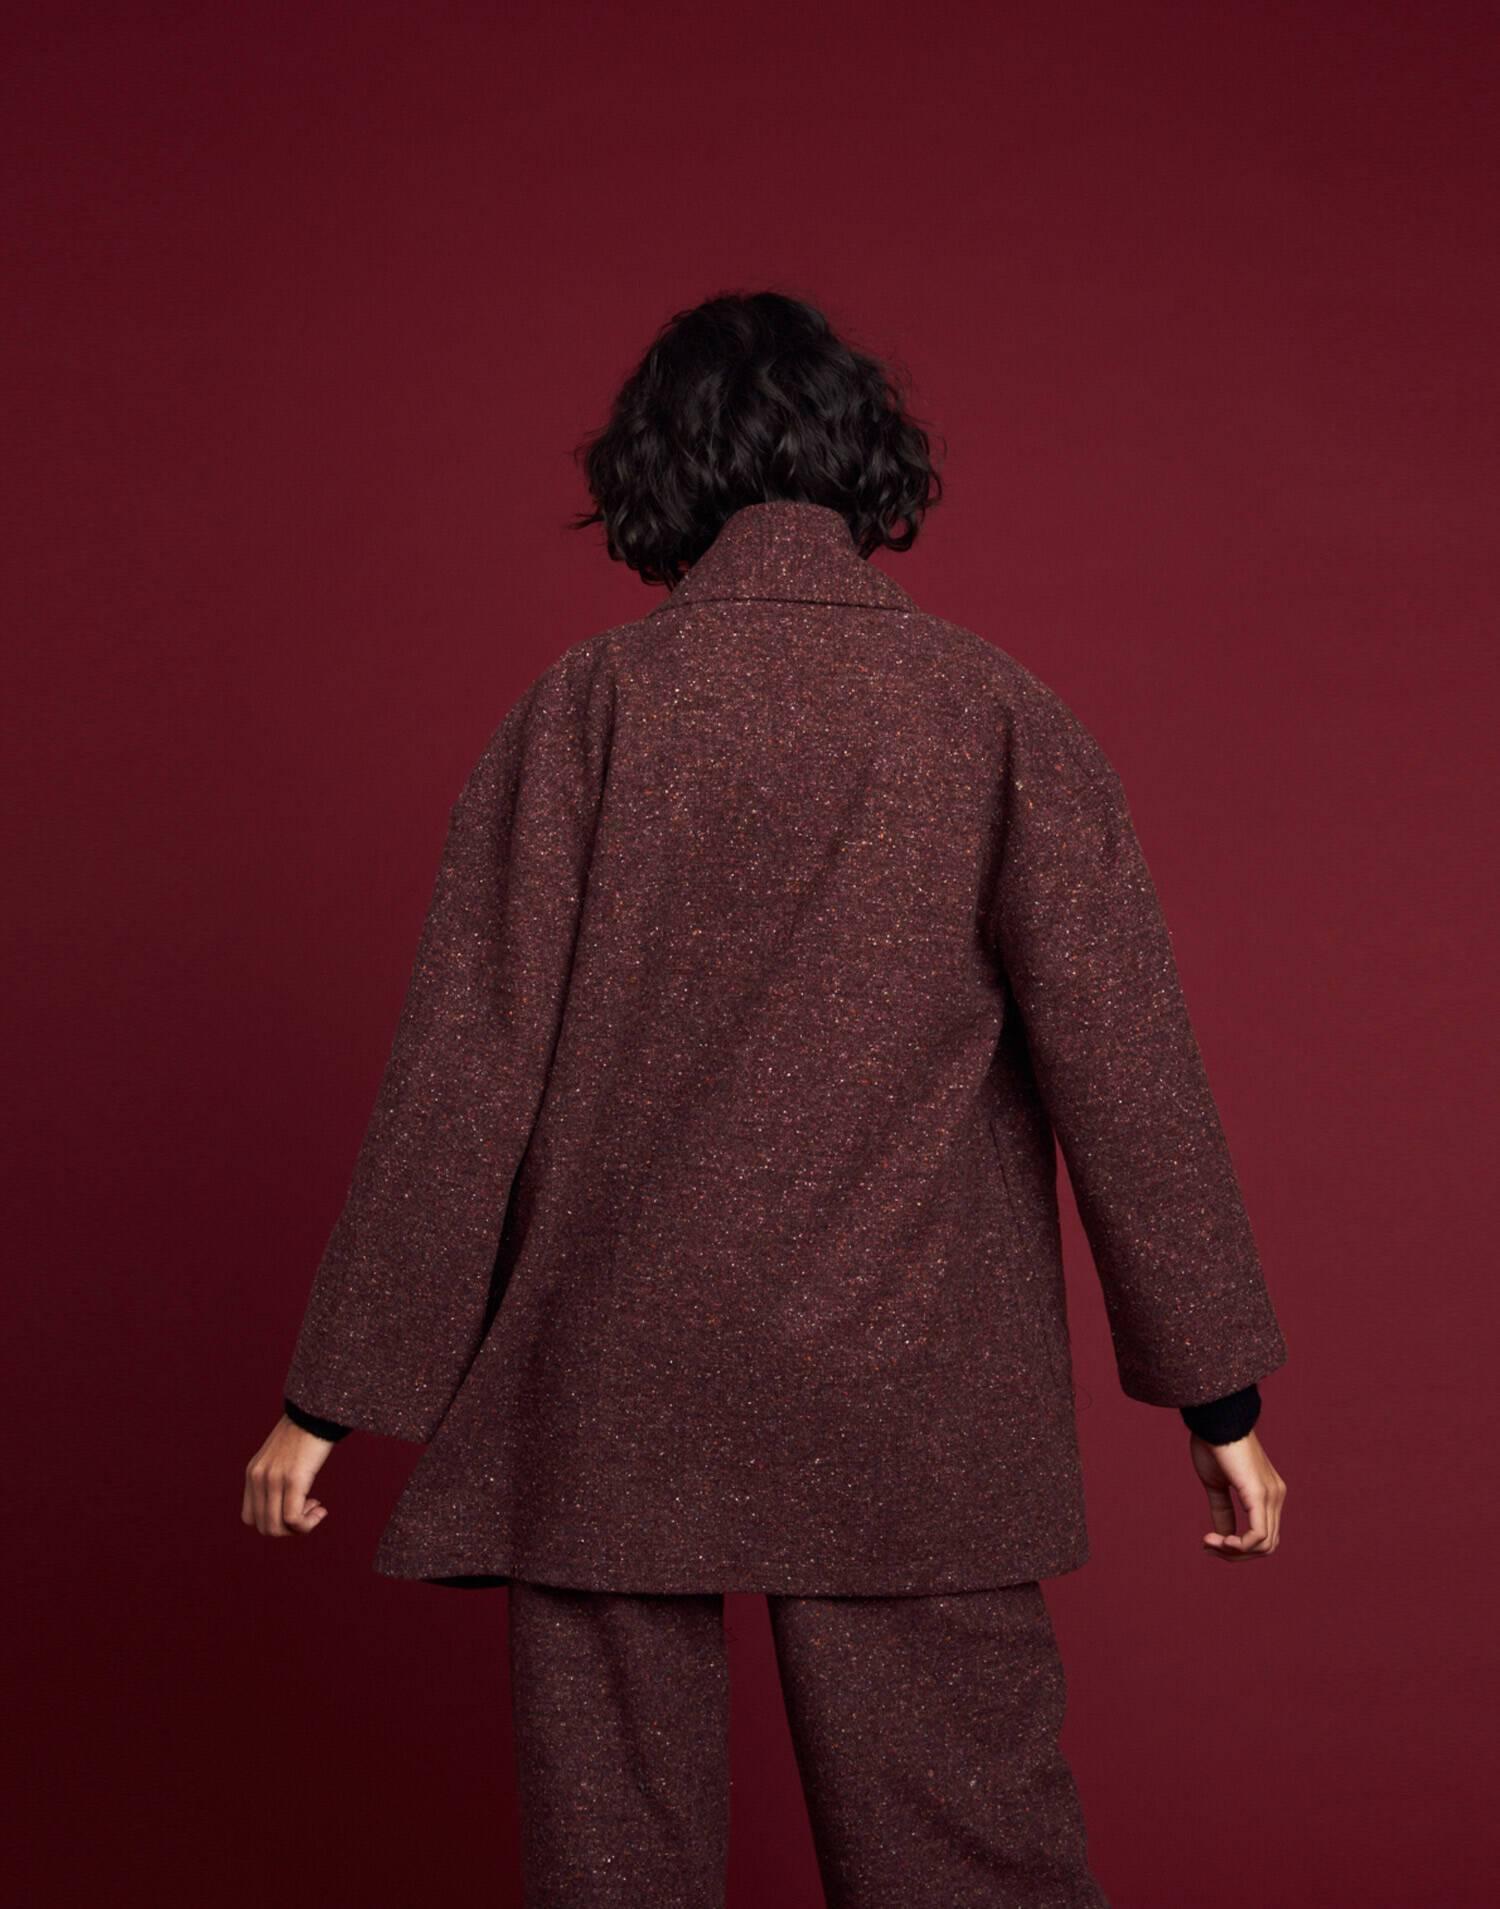 Mottled coat